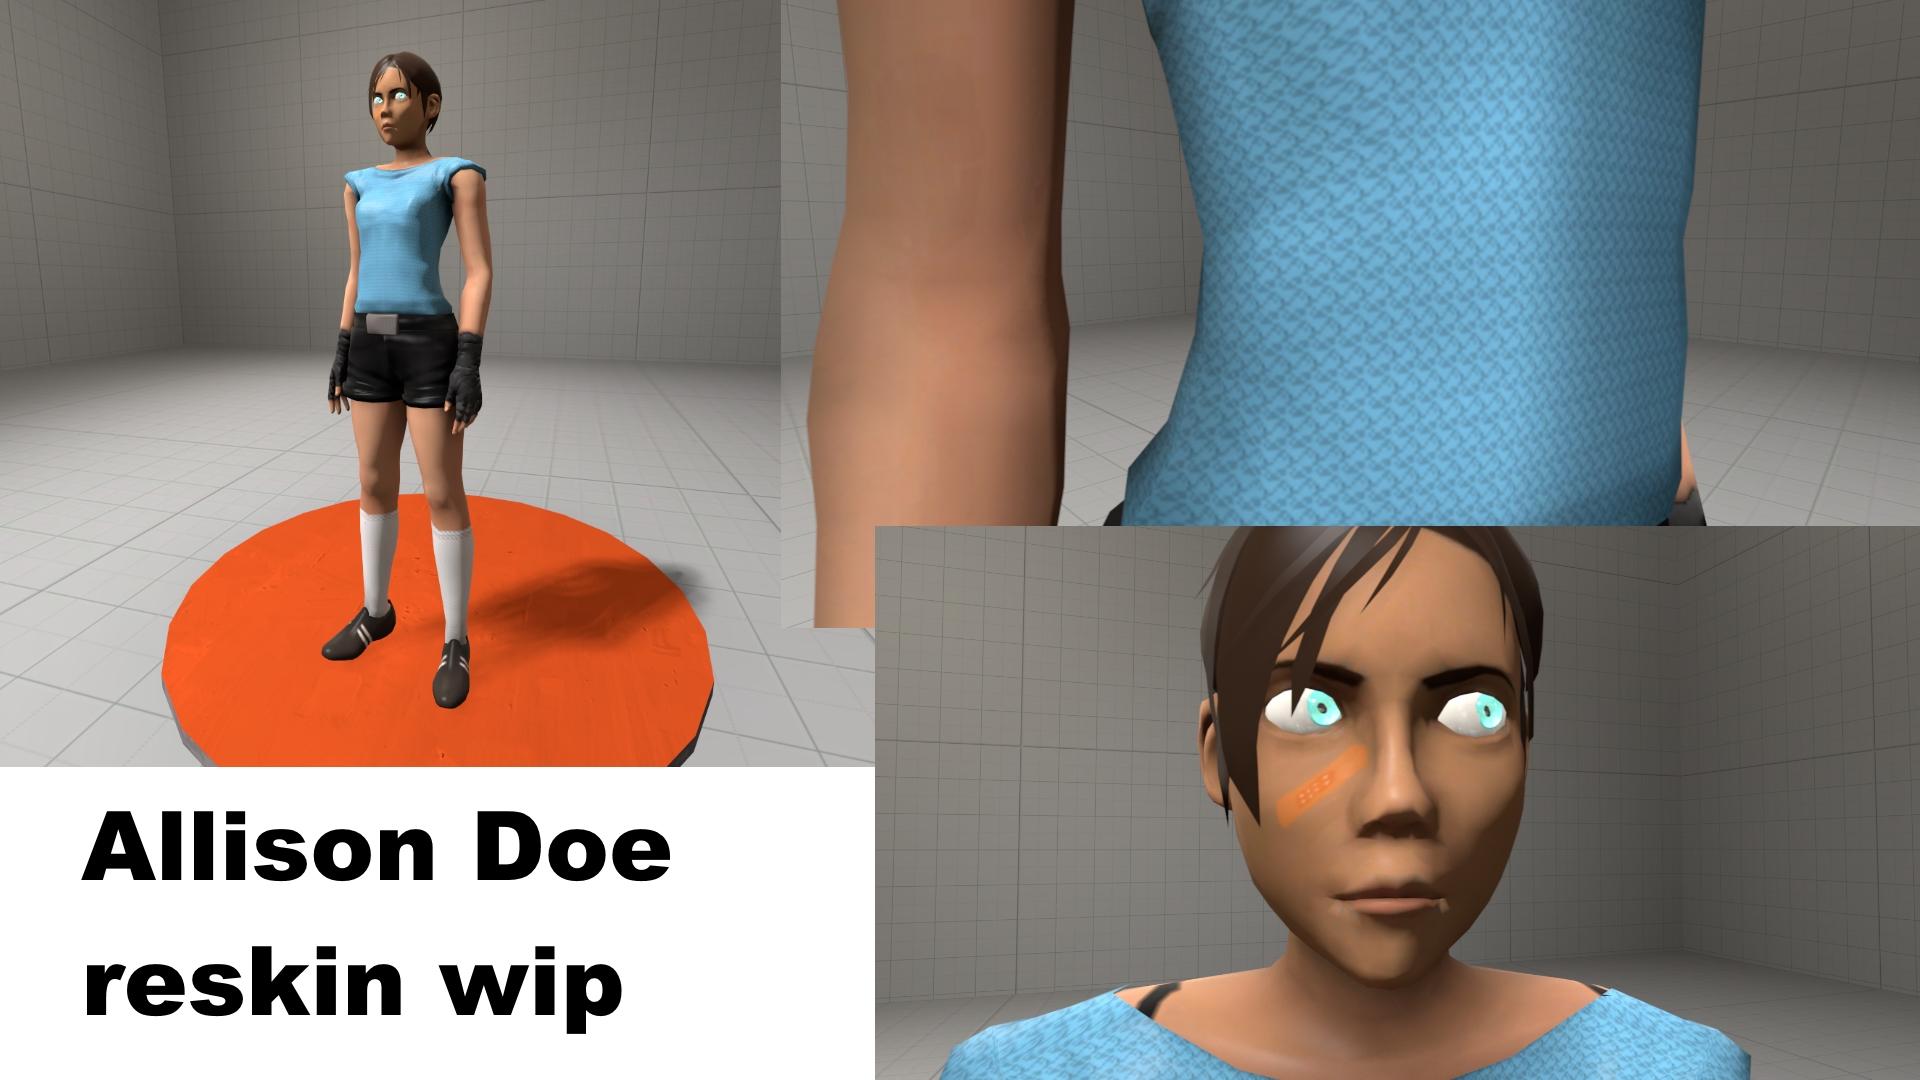 Allison Doe reskin WIP by Nikolad92